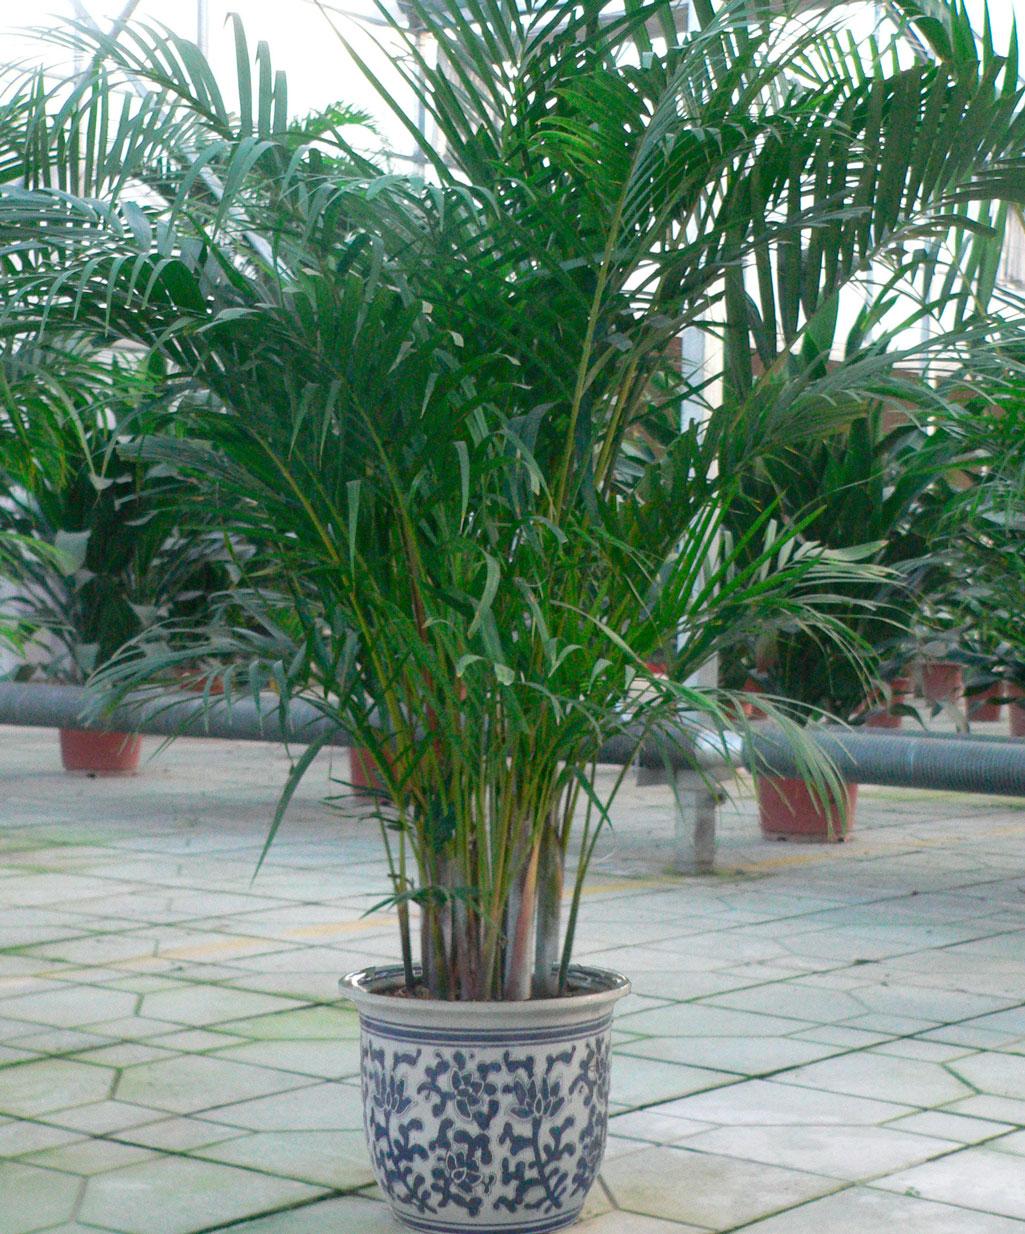 Домашние цветы виде пальмы